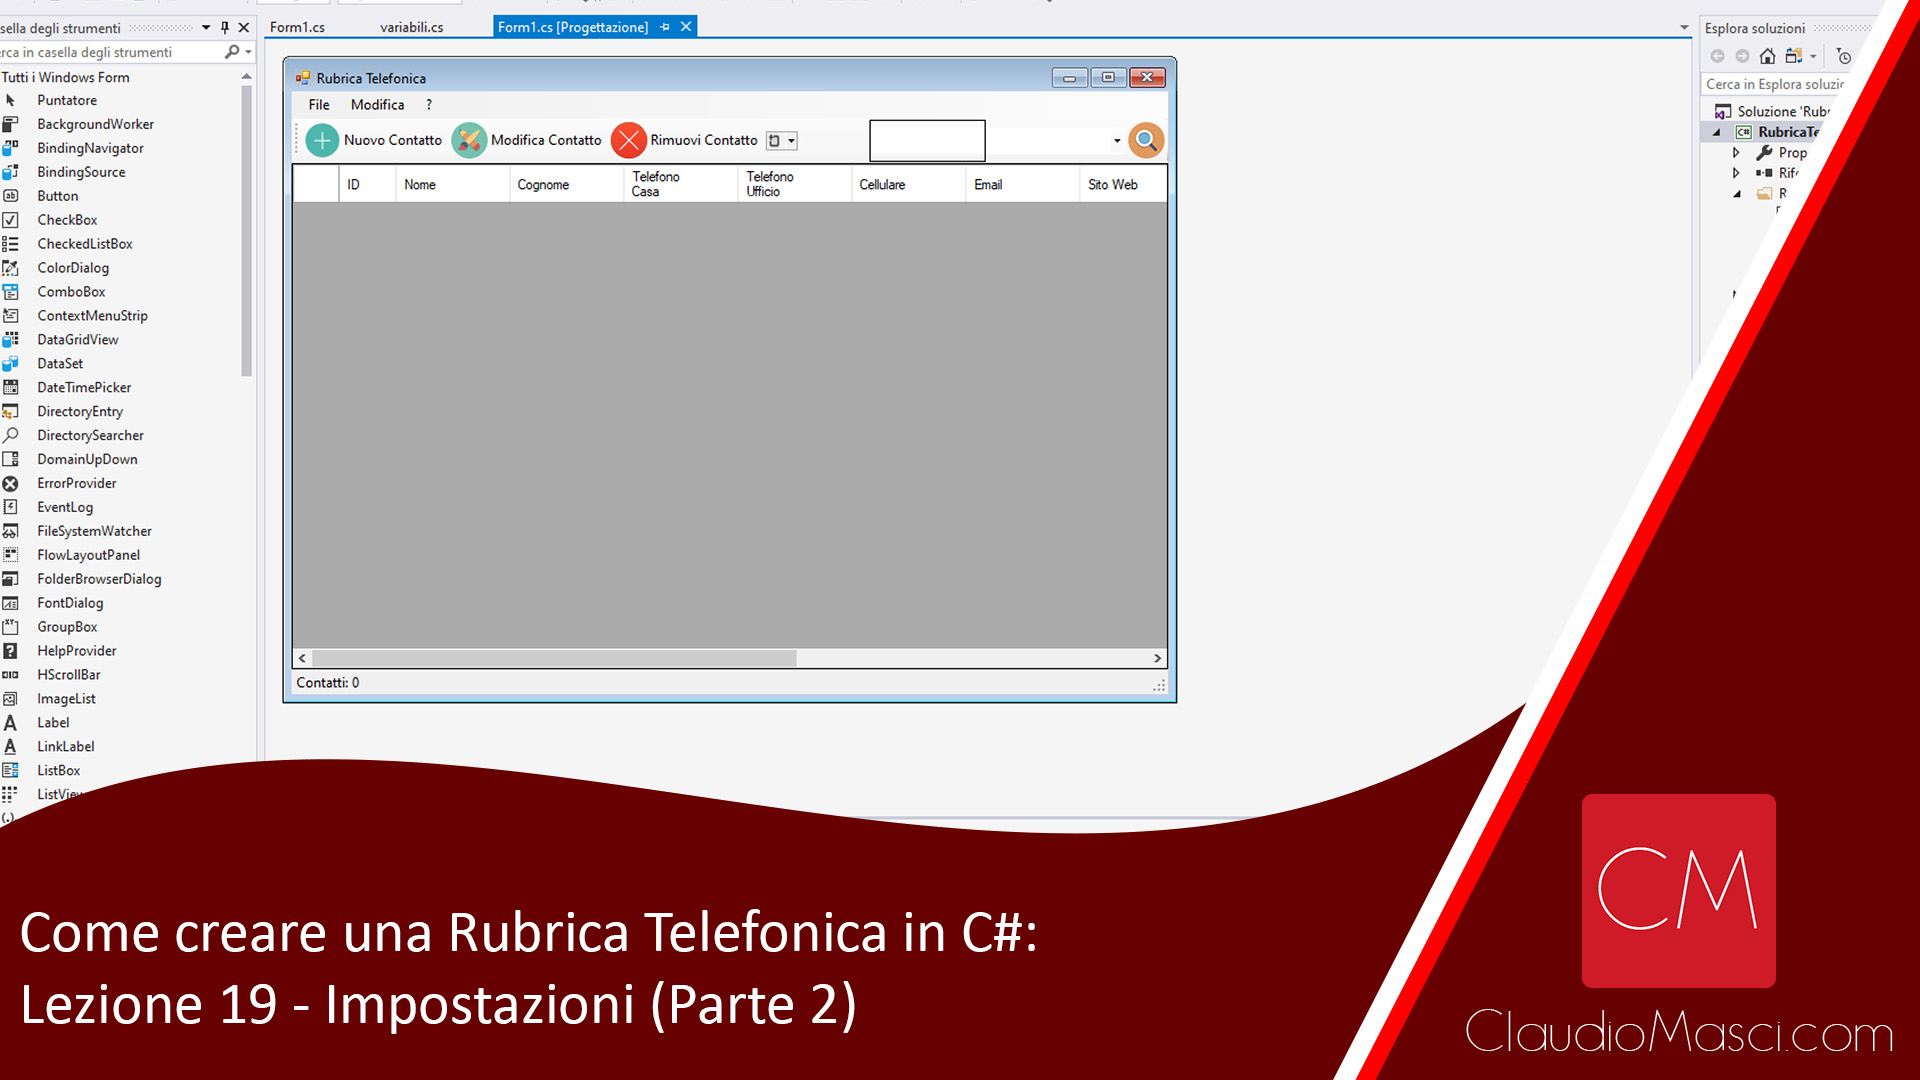 Come creare una Rubrica Telefonica in C# – #19 – Impostazioni (Parte 2)